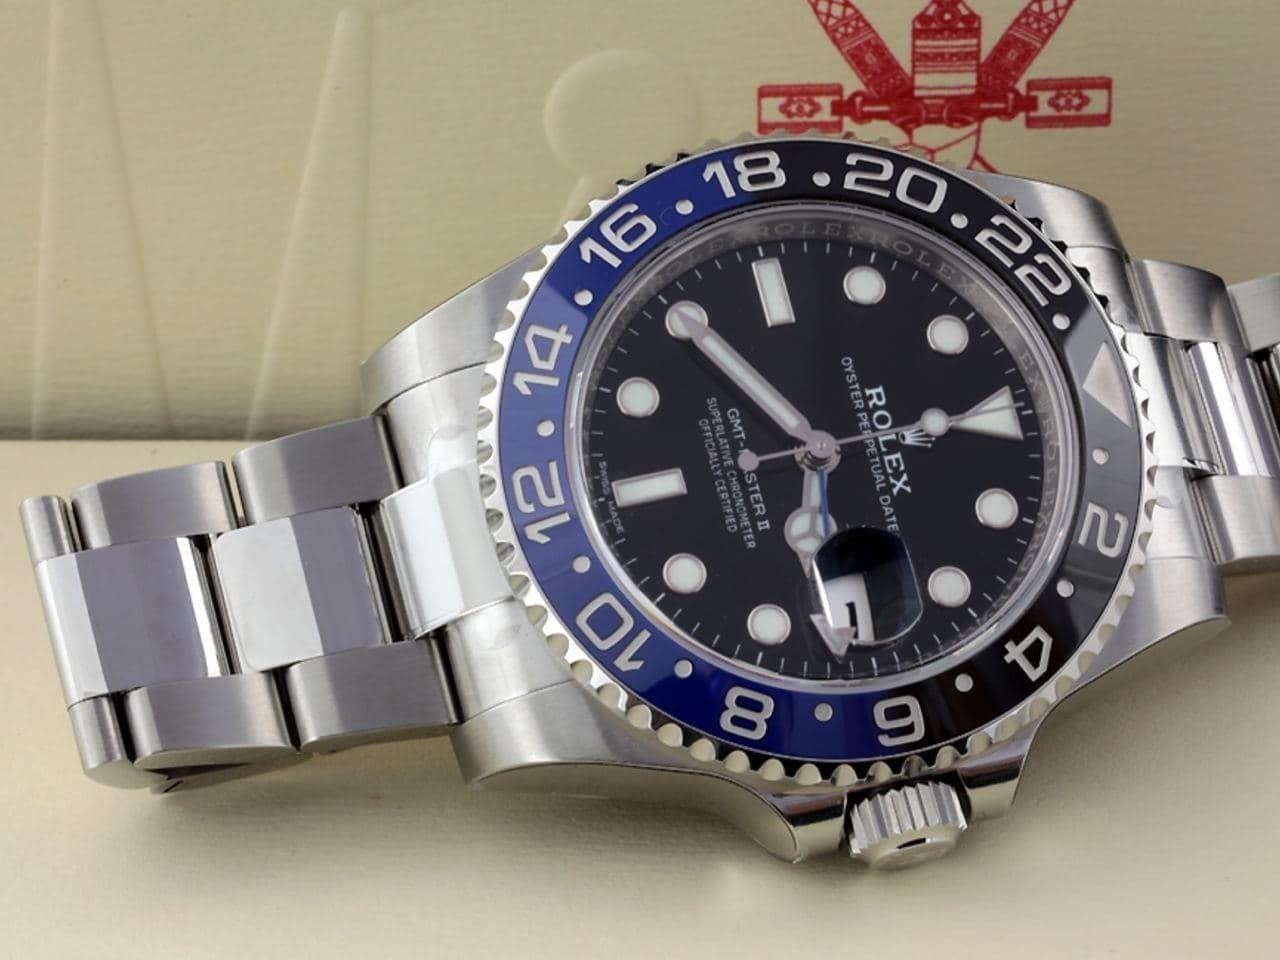 Rolex Gmt Master II Uomo